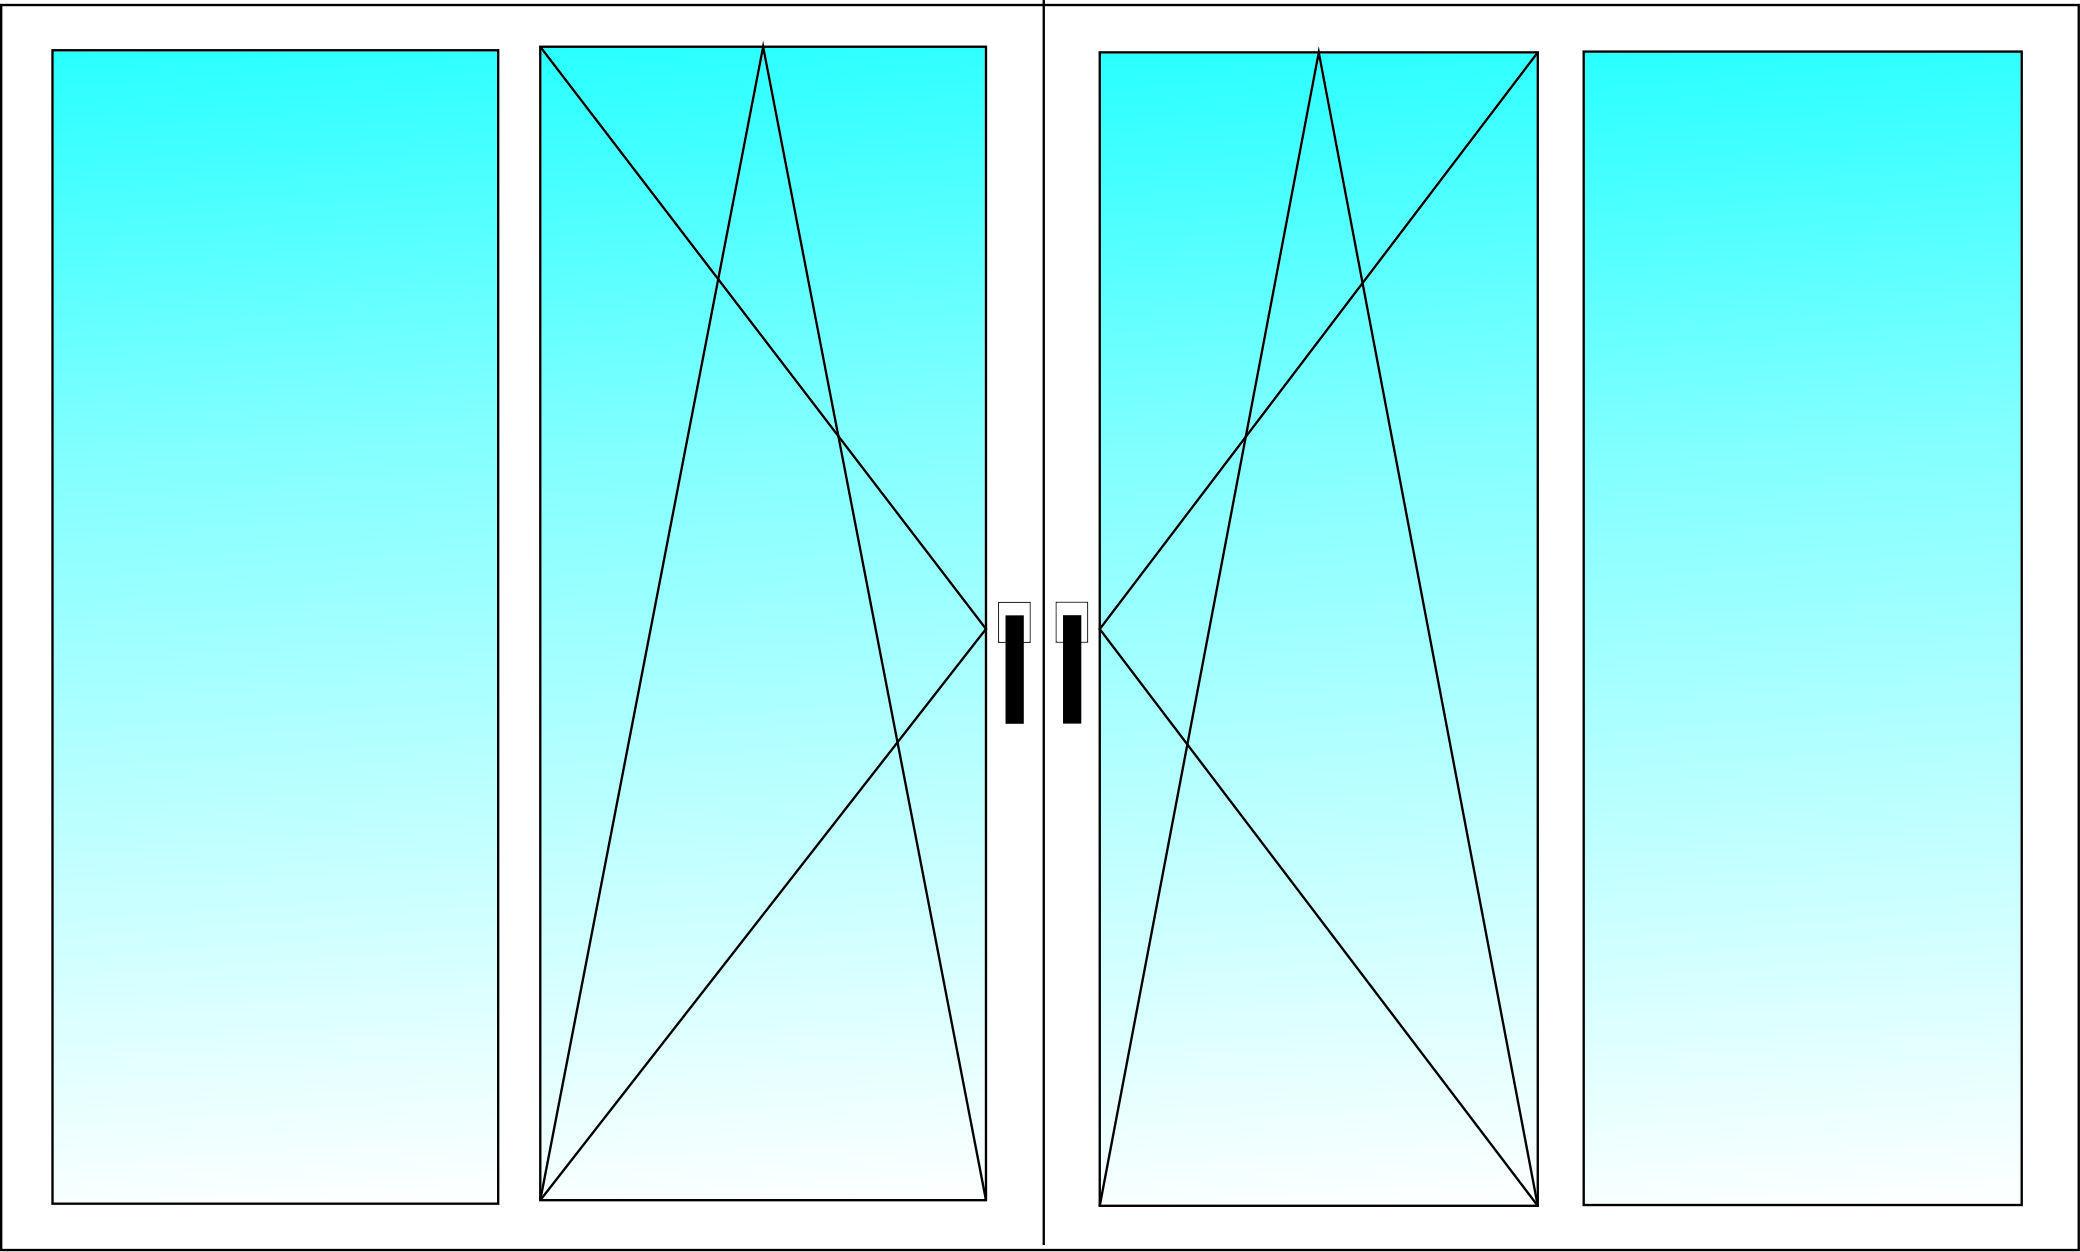 Балконная рама ALUPLAST 3-х камерный профиль с однокамерным стеклопакетом 1500х2500 мм